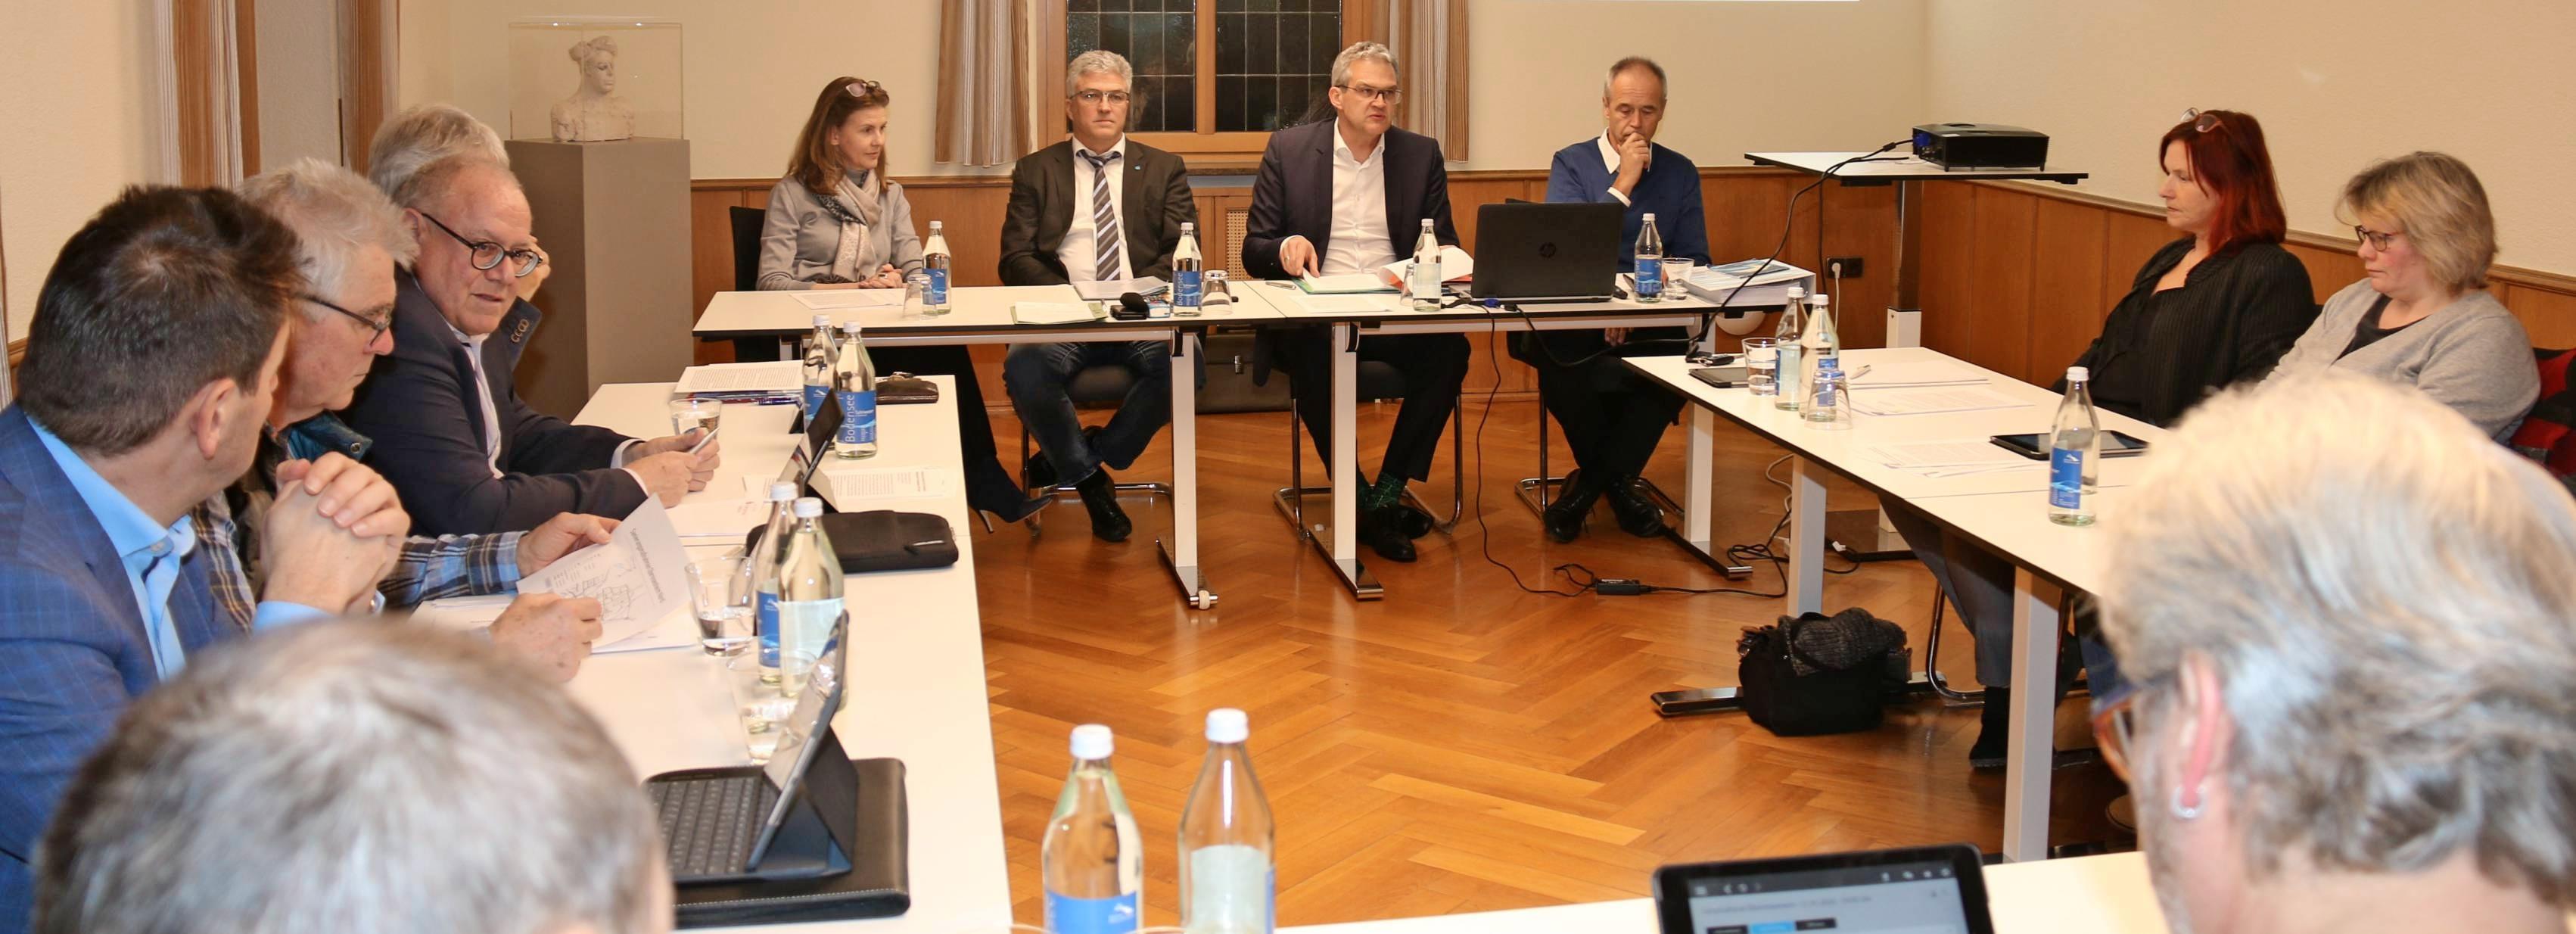 Sowohl im Ortschaftsrat in Obereisesheim (Foto) als auch in Dahenfeld wurde jetzt der Haushaltsplan für das laufende Jahr vorgestellt. Beide Gremien stimmten dem Etat zu und empfahlen dem Neckarsulmer Gemeinderat, ihn anzunehmen. Foto: snp